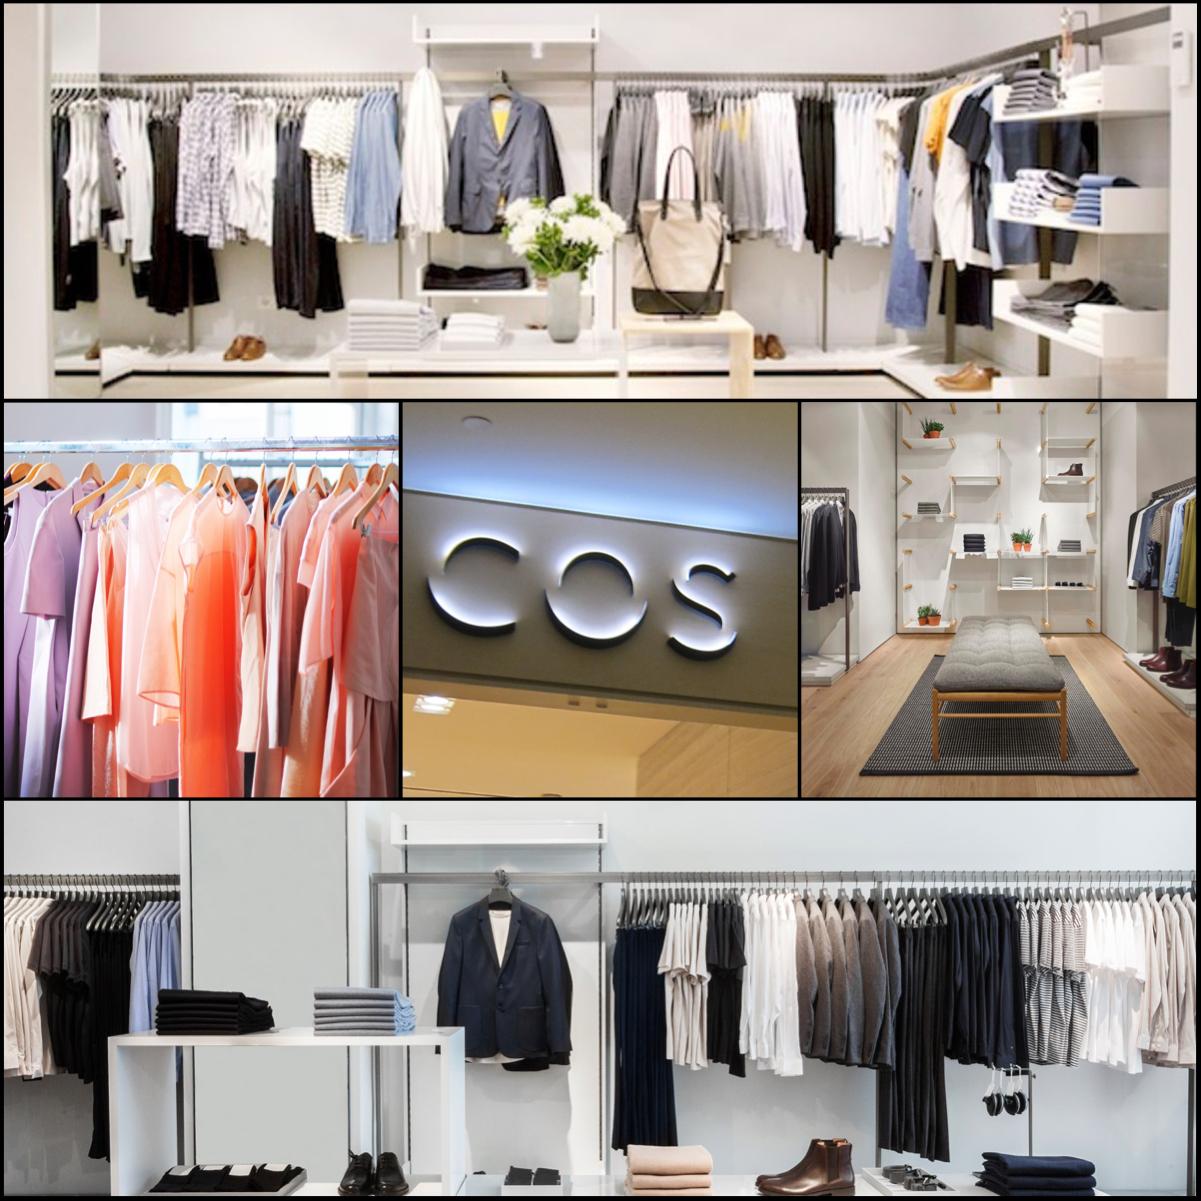 Obchod COS otevřel konečně i v Praze. Mladší sestra H&M si zakládá na filosofii – luxus pro masy a staví na minimalistické módě pro ženy i muže. (Ilustrační obrázek)